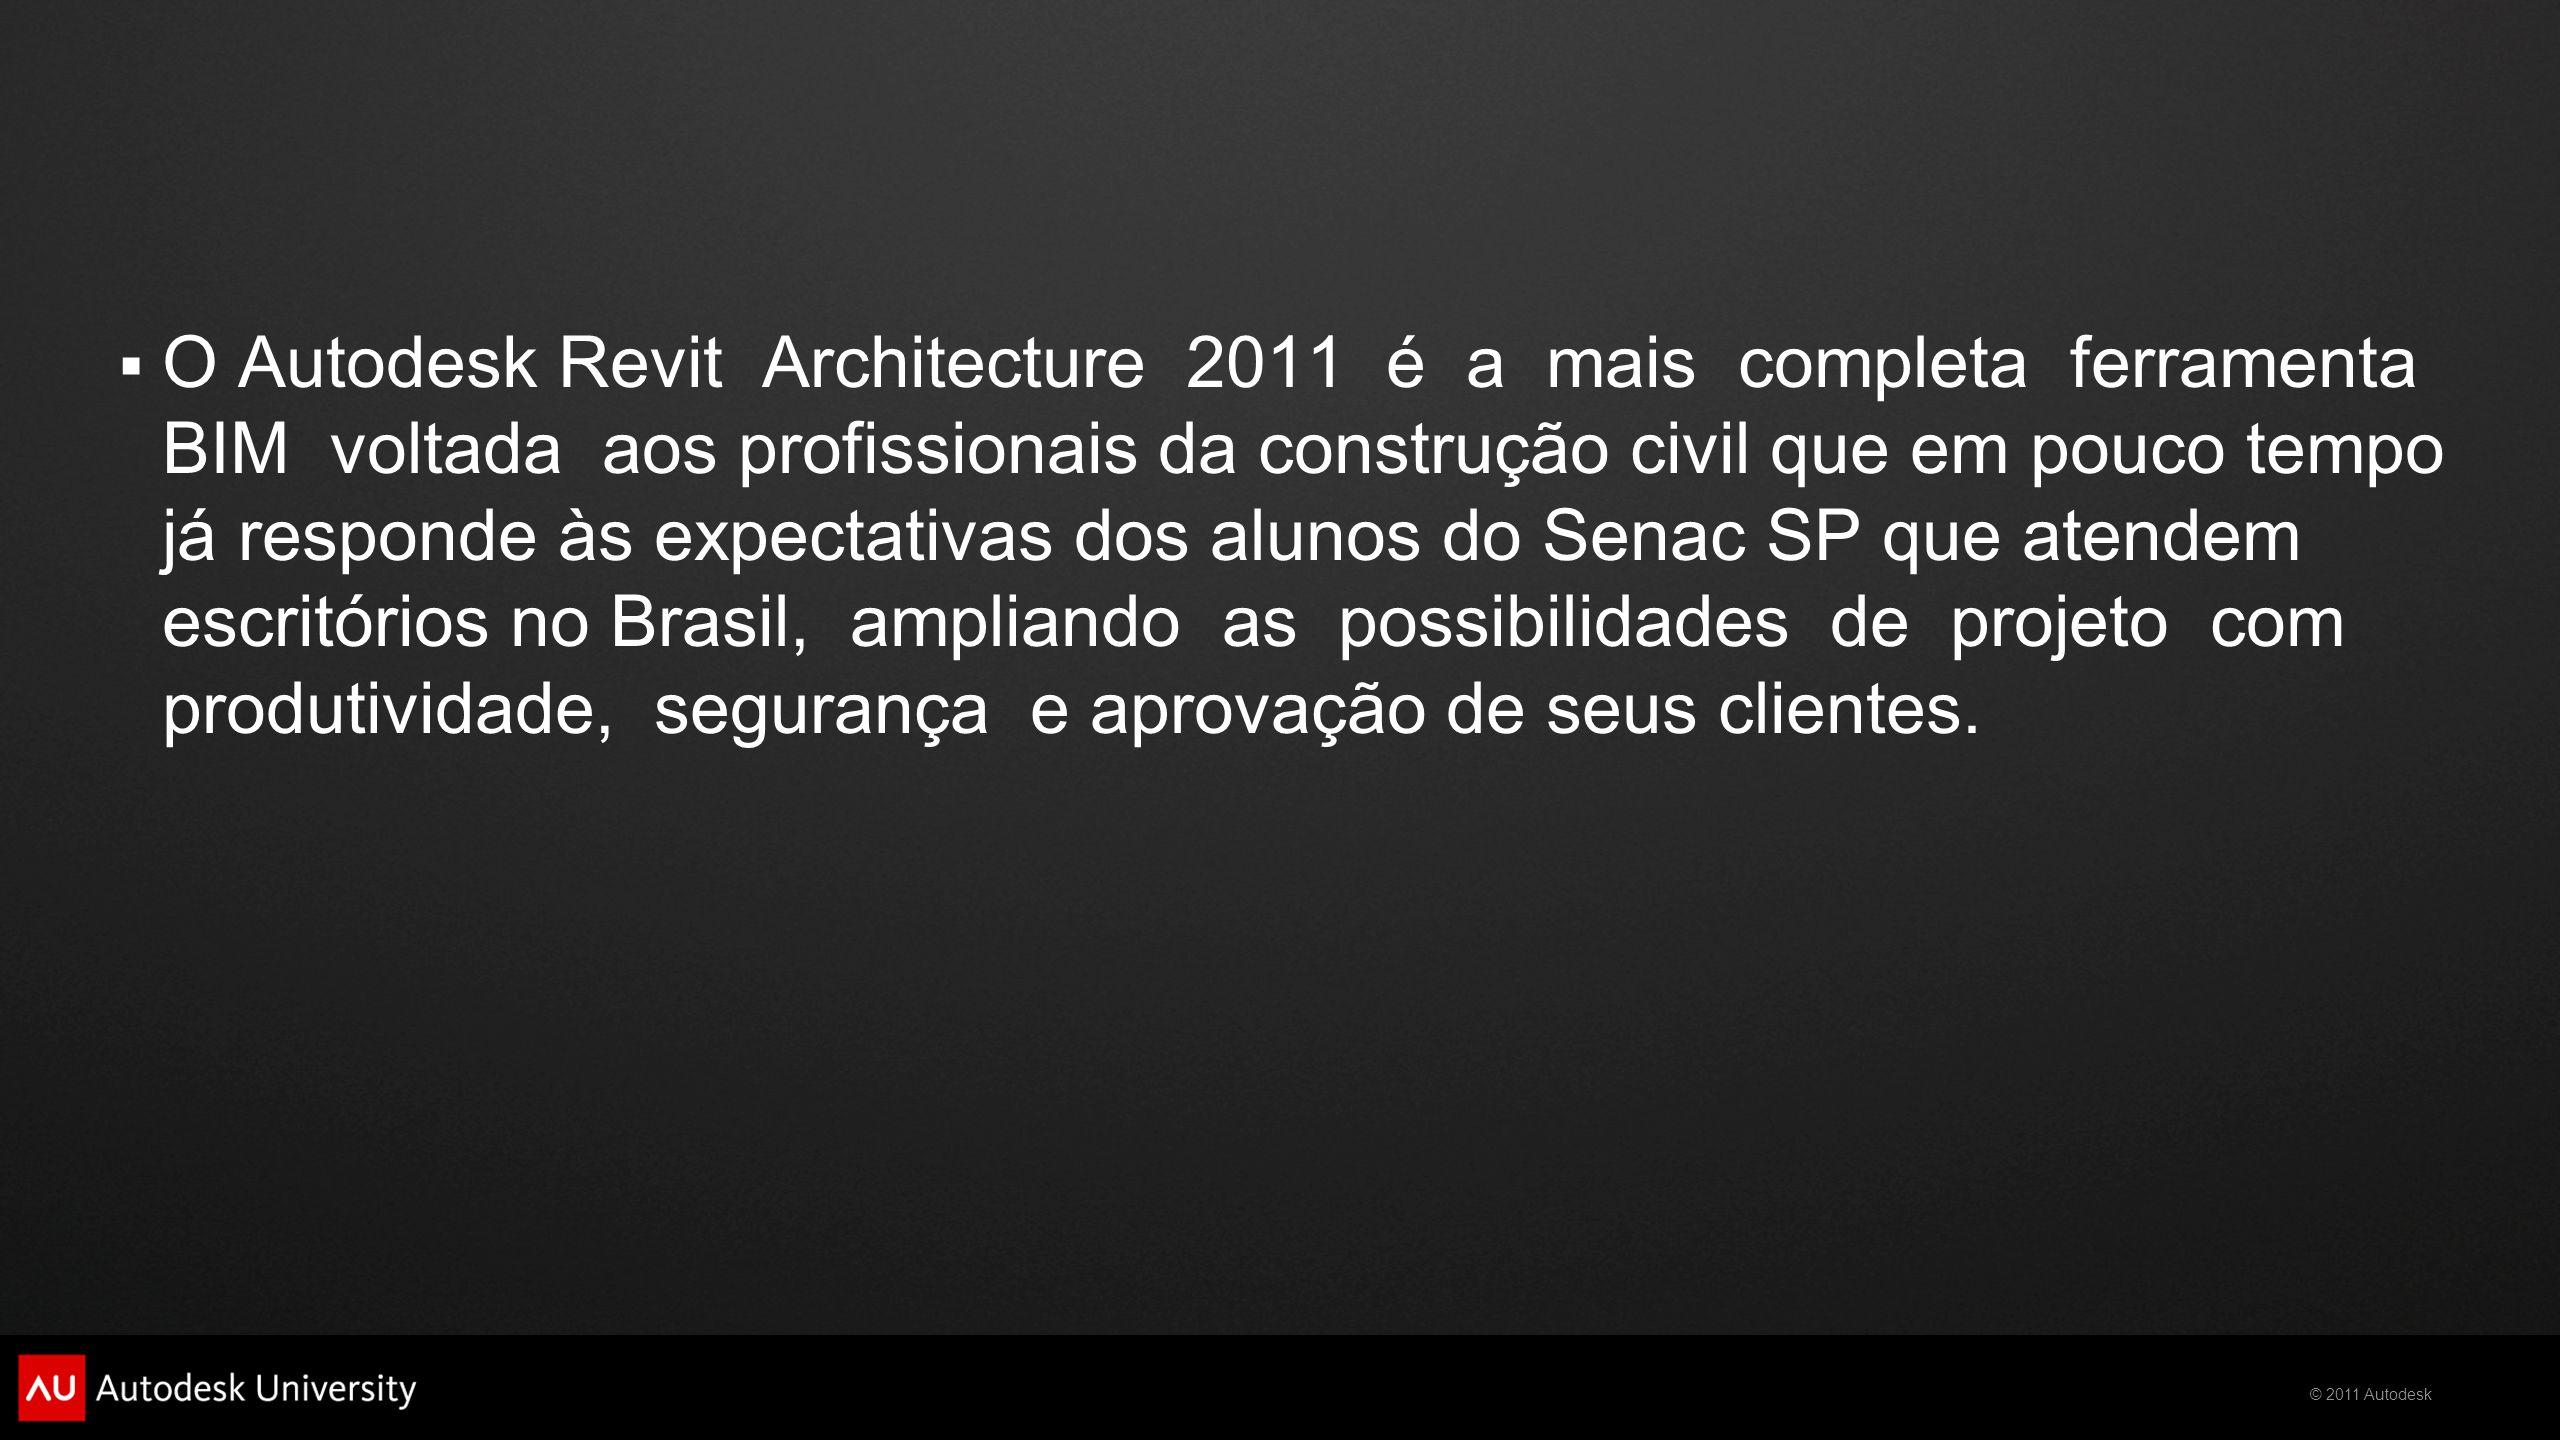  O Autodesk Revit Architecture 2011 é a mais completa ferramenta BIM voltada aos profissionais da construção civil que em pouco tempo já responde às